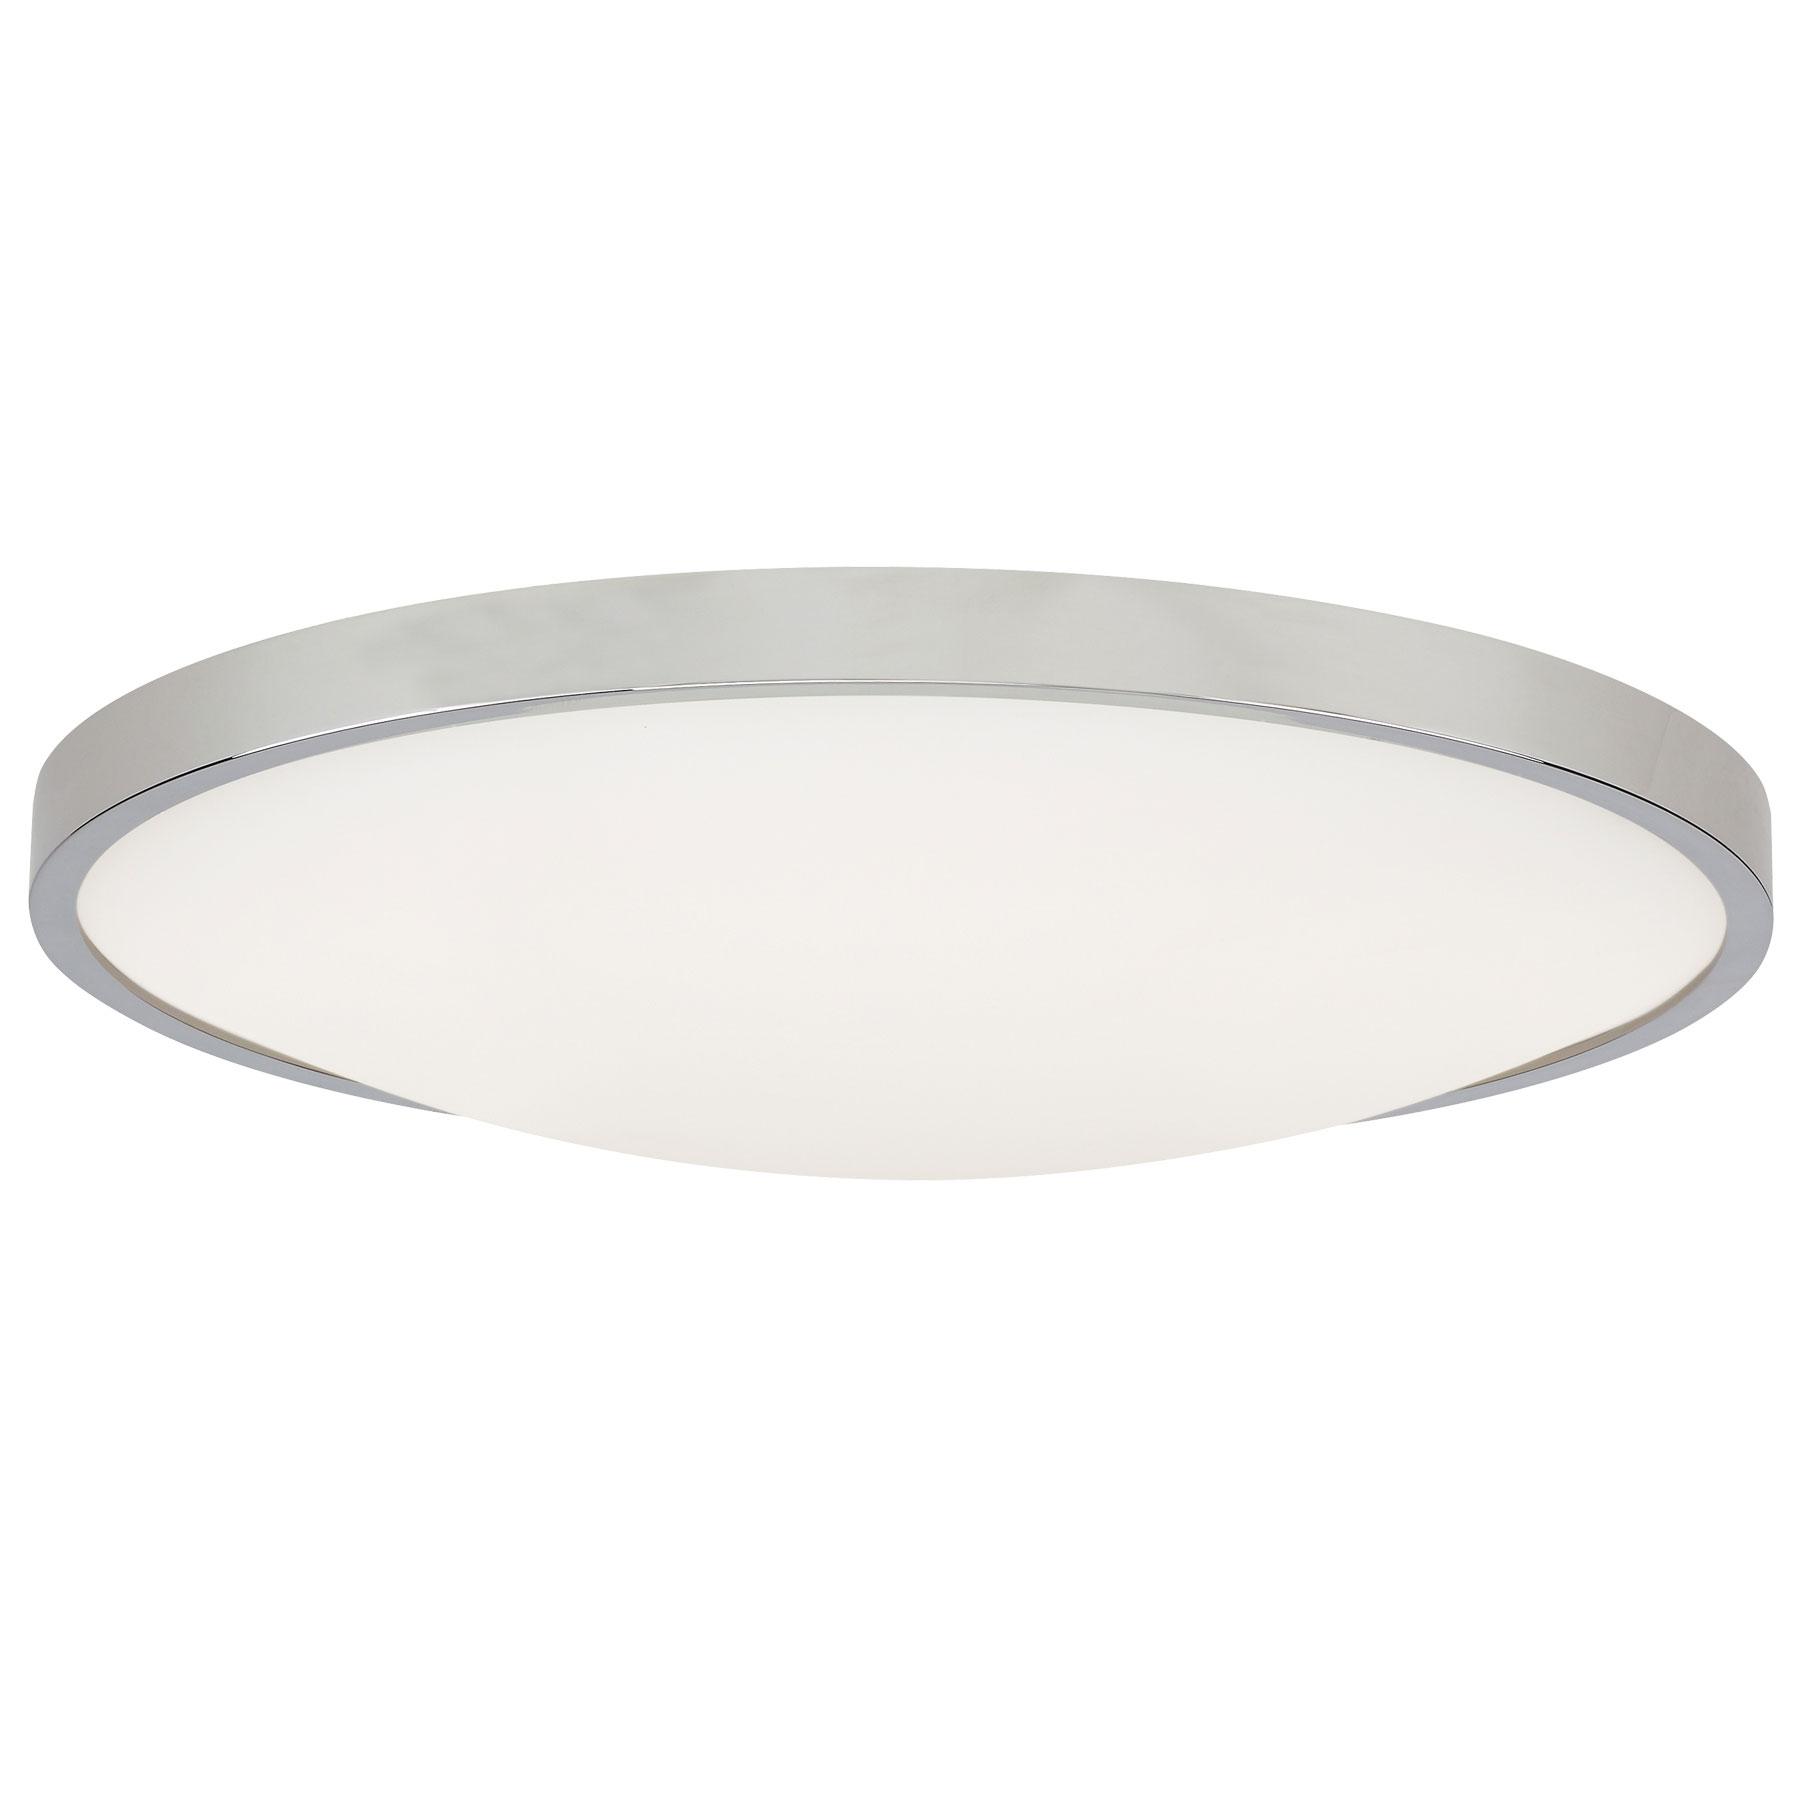 vance ceiling light by tech lighting 700fmvnc13c led927